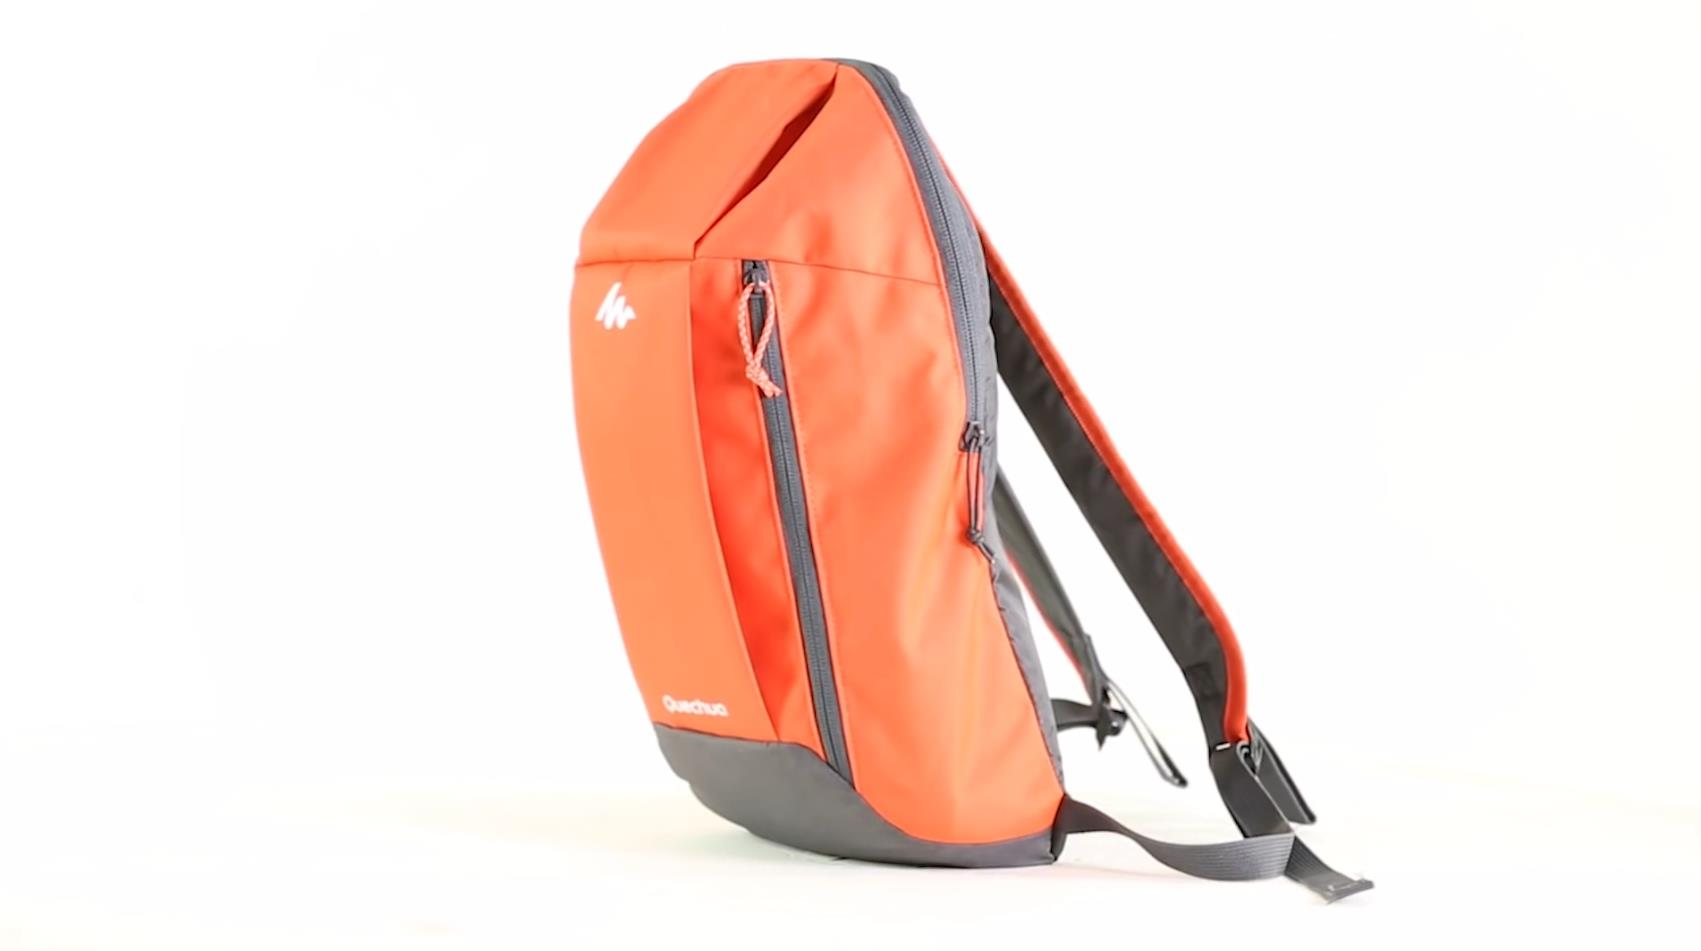 迪卡侬Quechua登山运动品牌徒步旅行背包广告.mp4